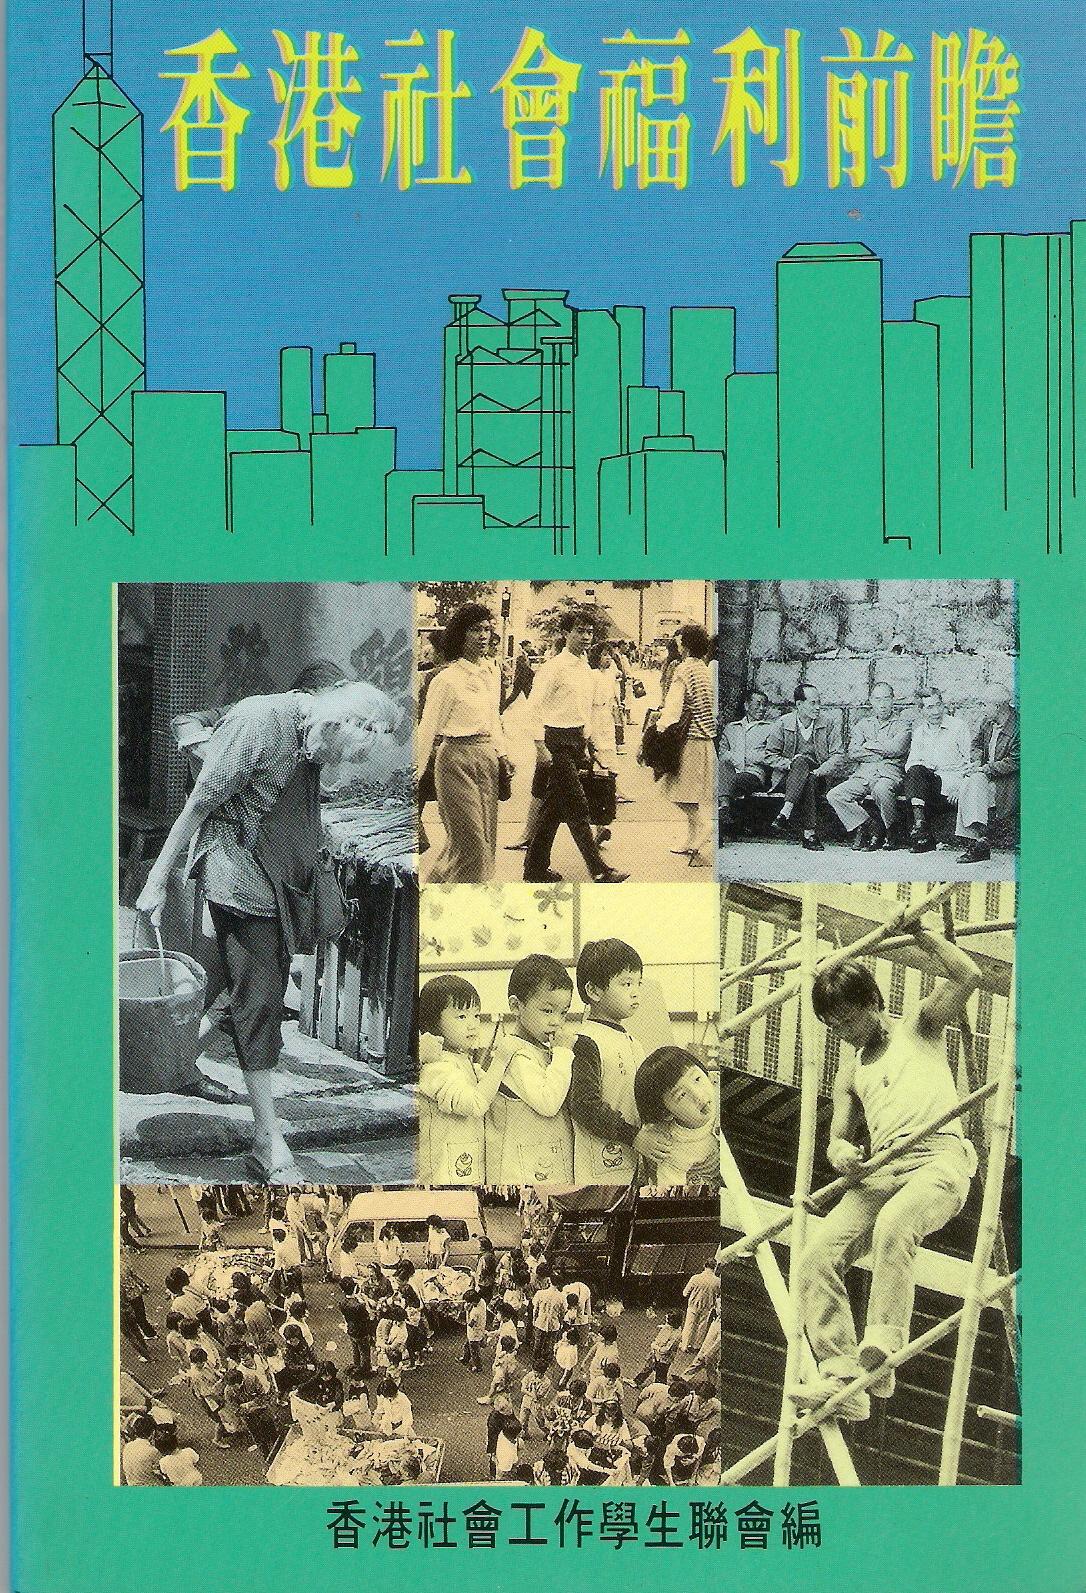 香港社會福利前瞻